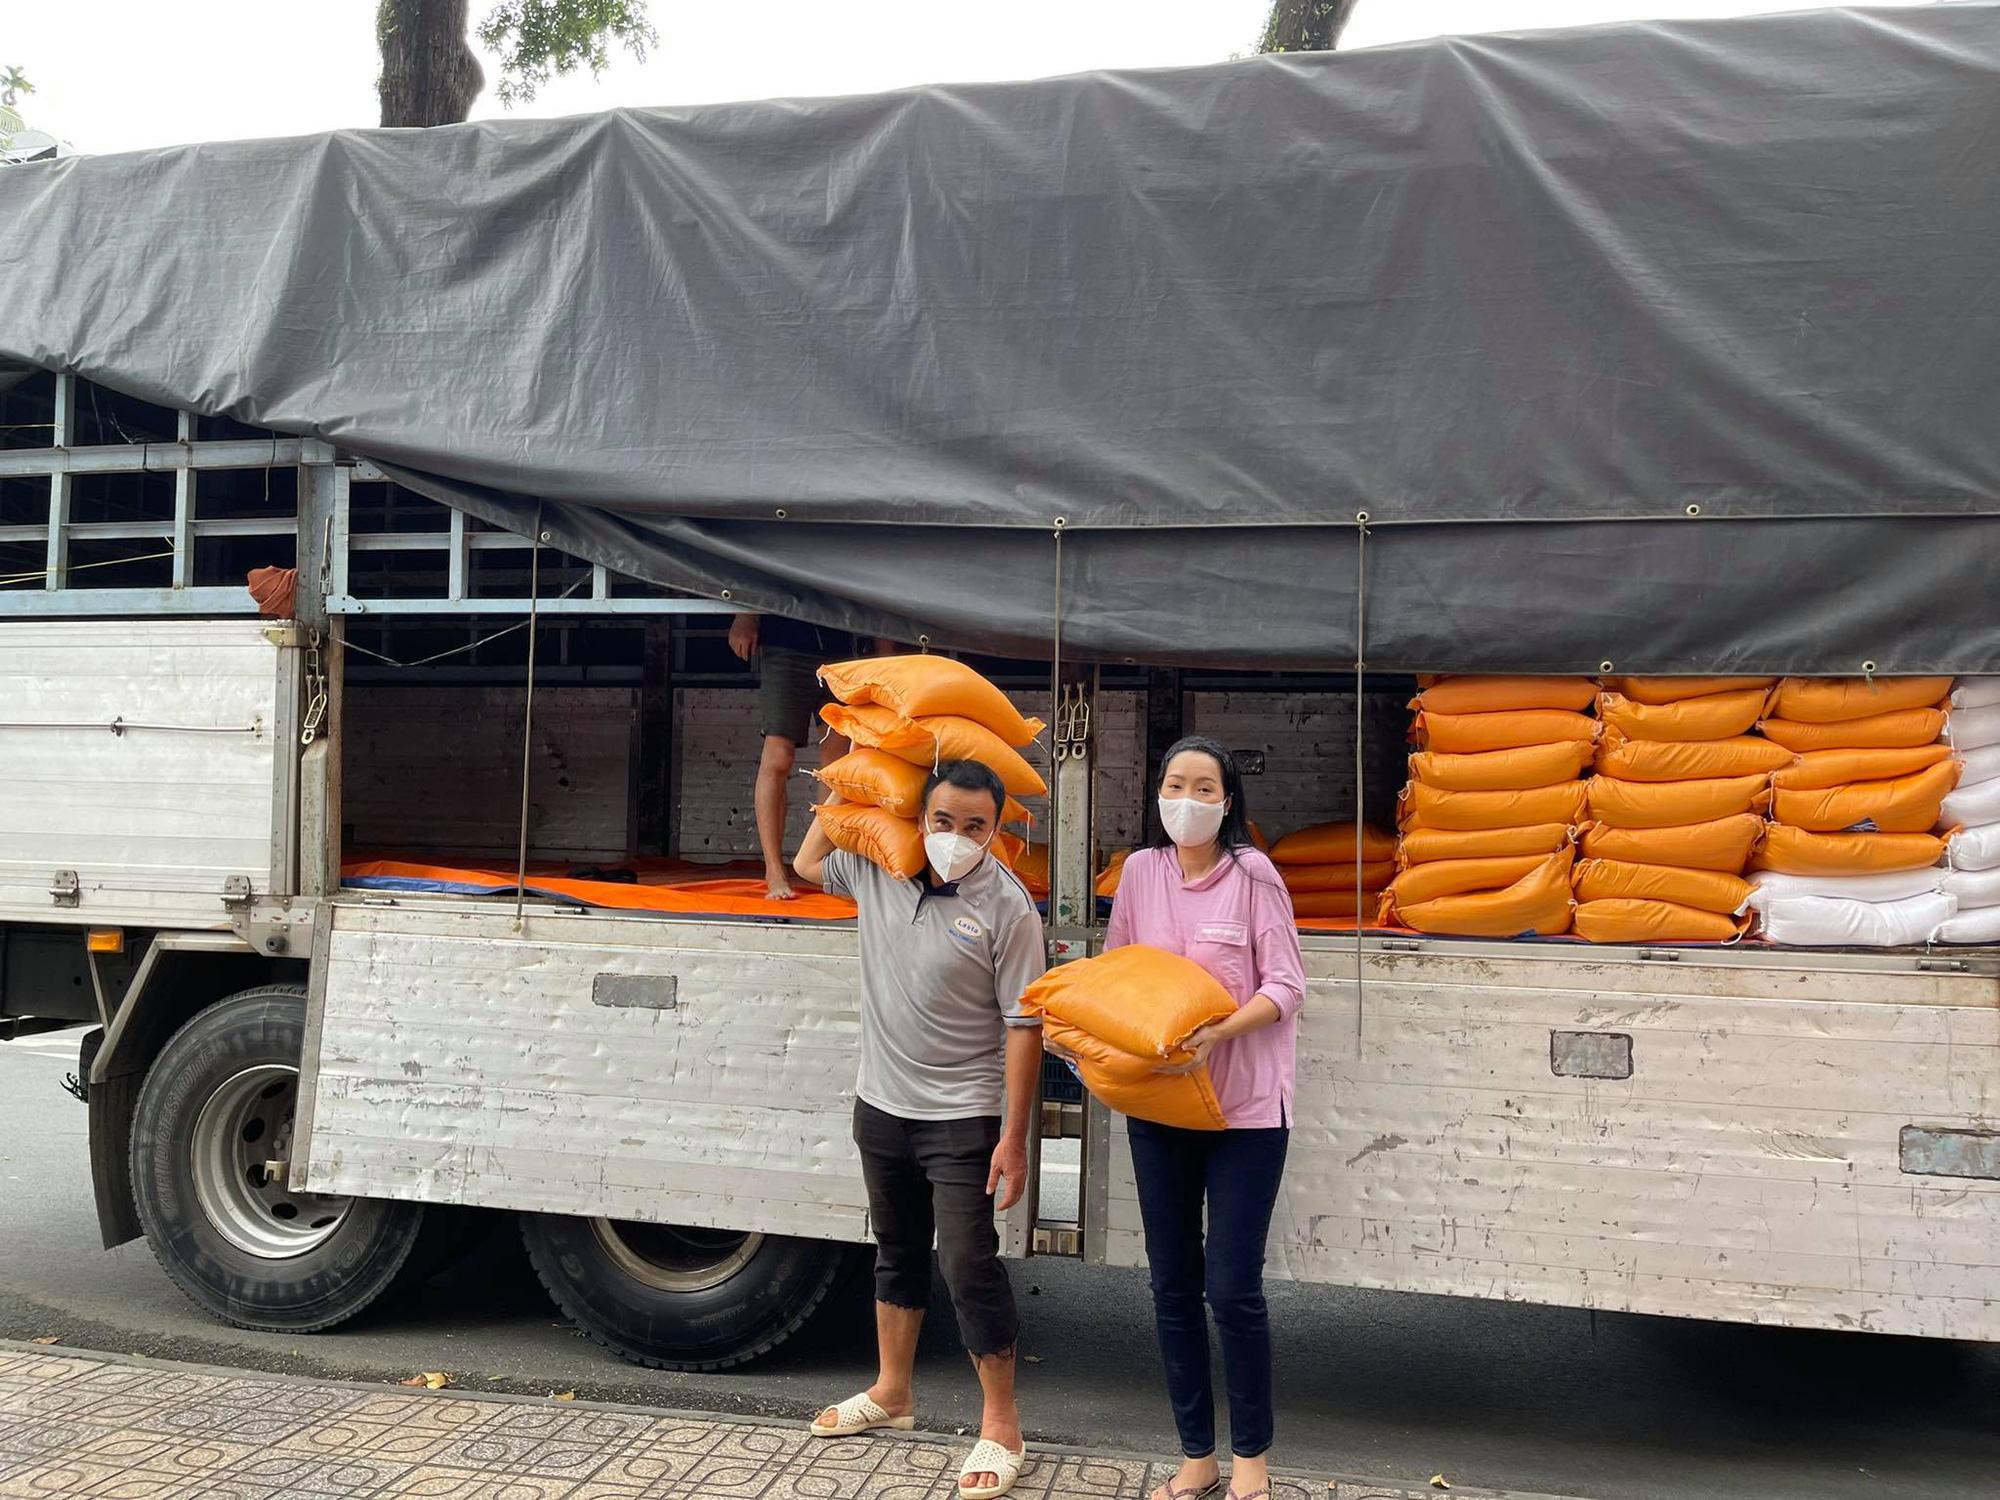 """MC Quyền Linh """"tiếp lửa"""" hỗ trợ 10 tấn gạo cho nhân viên sân khấu, nghệ sĩ nghèo ở TP.HCM - Ảnh 1."""